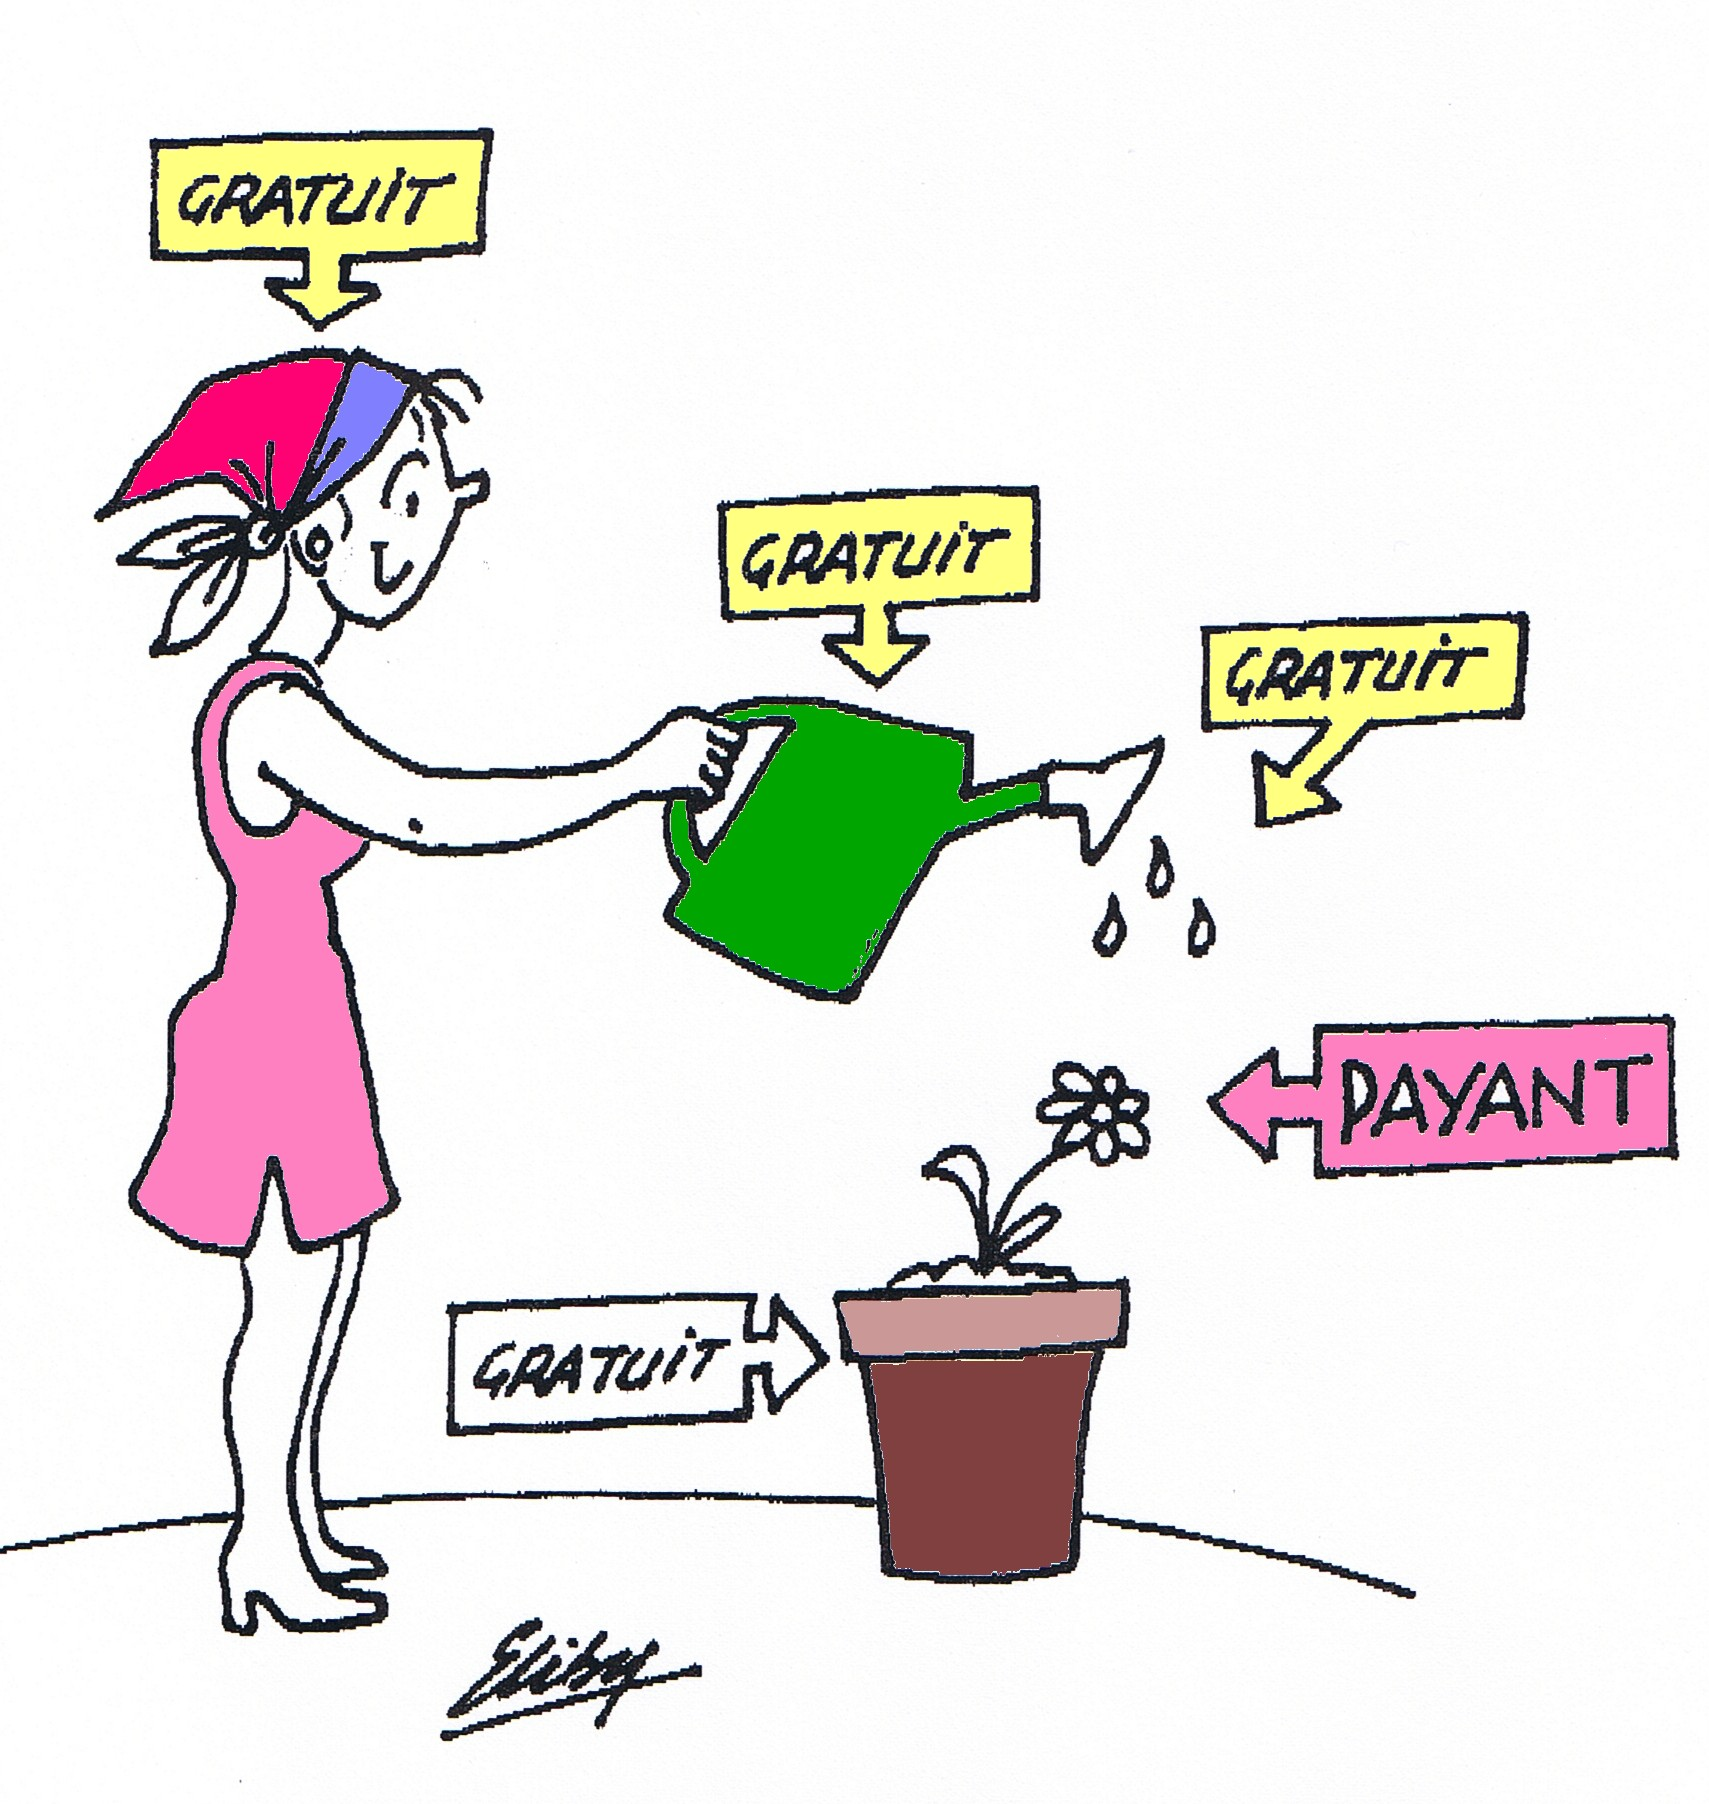 Changements dans le monde du travail journal la m e - Dessin travail ...